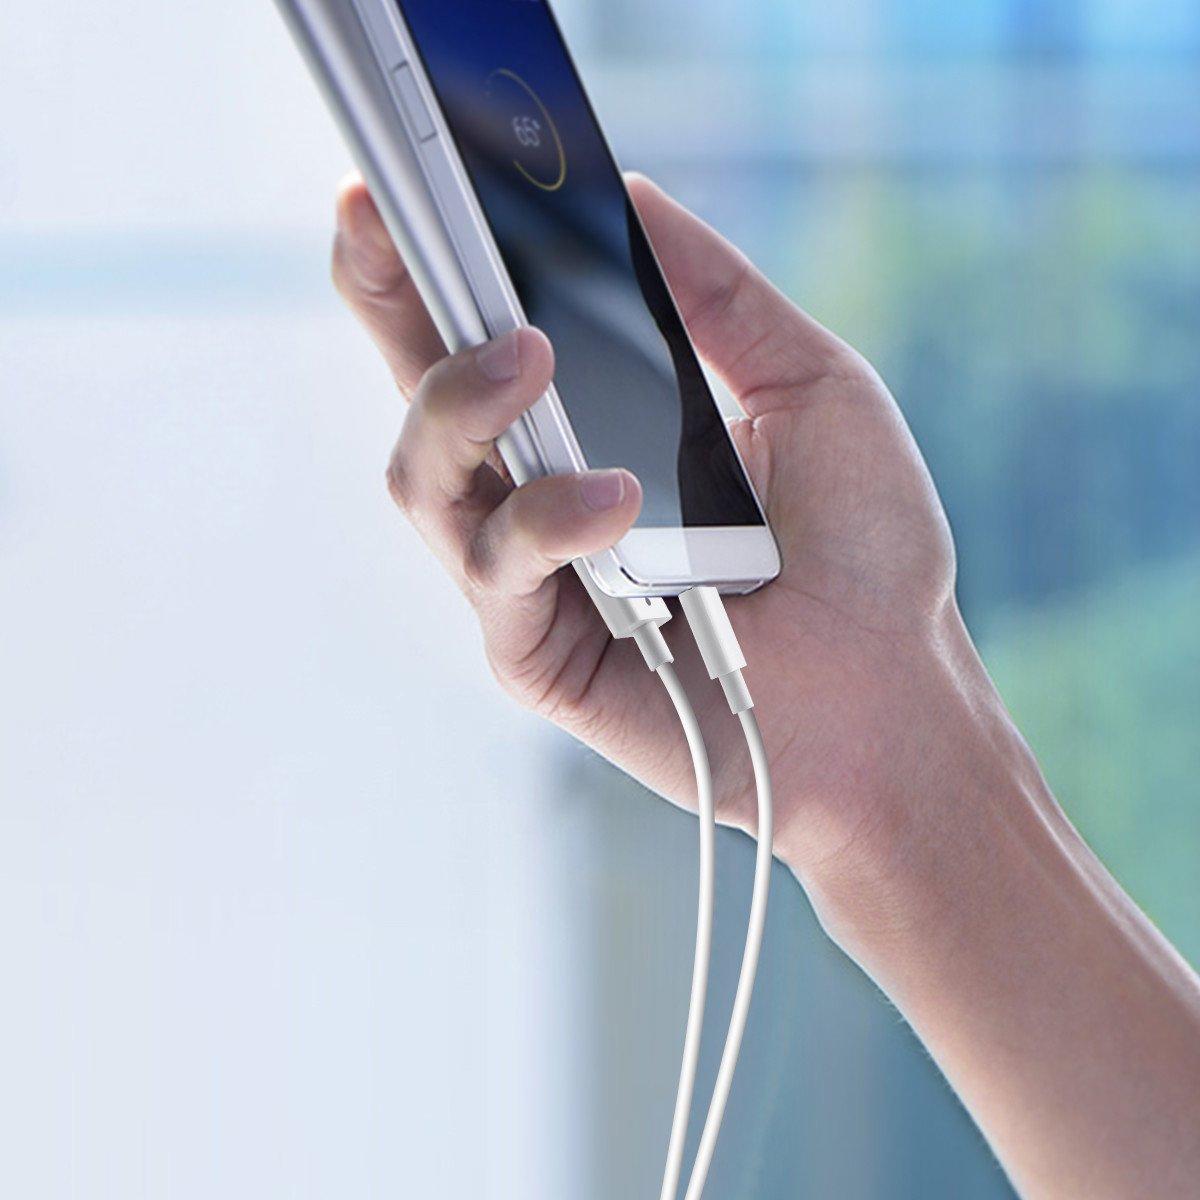 Poweradd 3 Unidades Cable Micro USB Carga Rápida (4ft/1.2m) 2A Cable USB Cable Cargador Movil con Alta Capacidad Velocidad para Dispositivos Android, Samsung, Huawei, LG, HTC, ZTE, Tabletas, PowerBank, Cargador portátil Cámara y más - Blanc